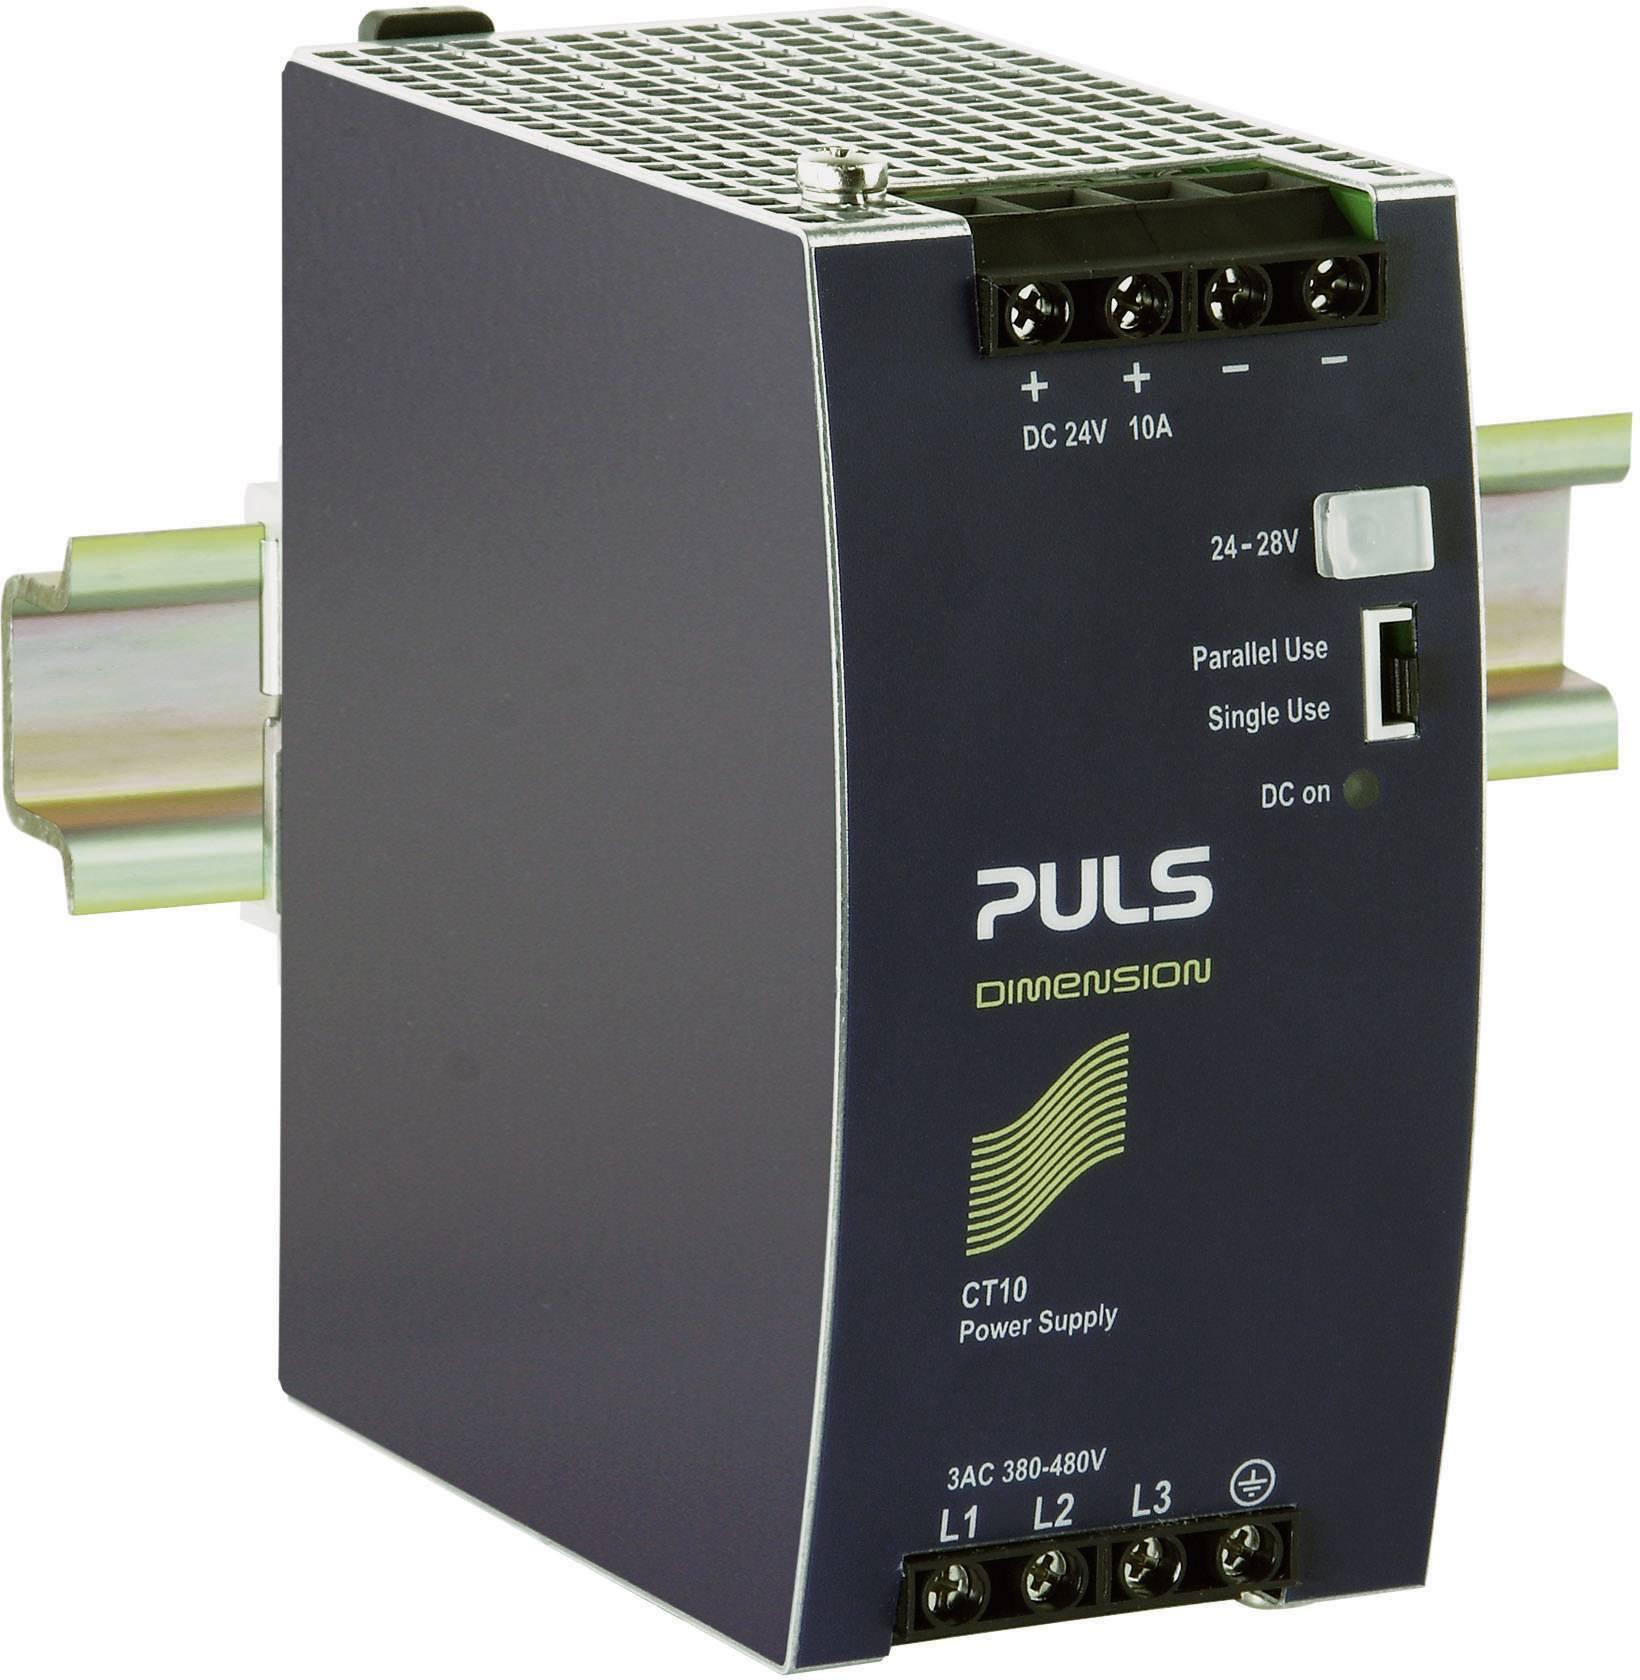 Sieťový zdroj na montážnu lištu (DIN lištu) PULS DIMENSION CT10.241, 1 x, 24 V/DC, 10 A, 240 W